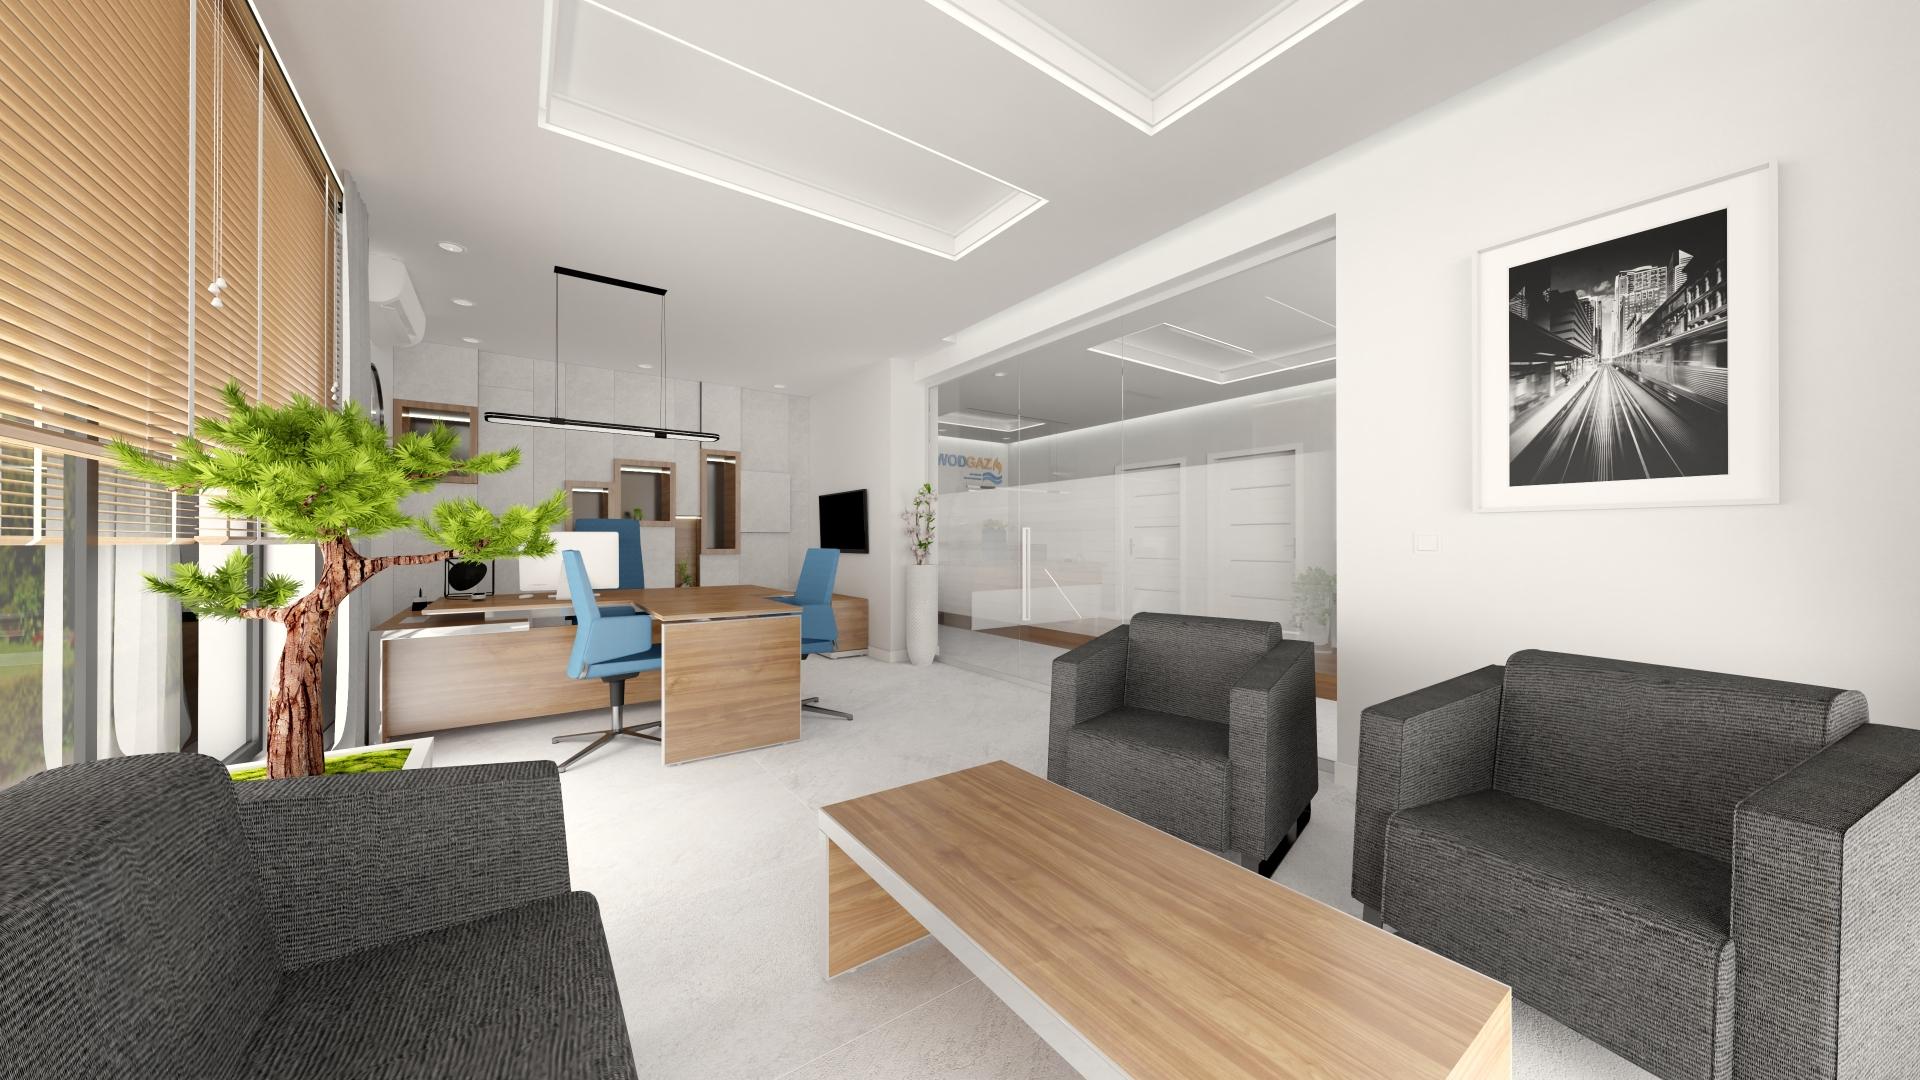 projektantpulawy gabinet czapla malgorzata pulawy projektowanie wnetrz interior design modern nowoczesne wnetrza indywidualny projekt (4)